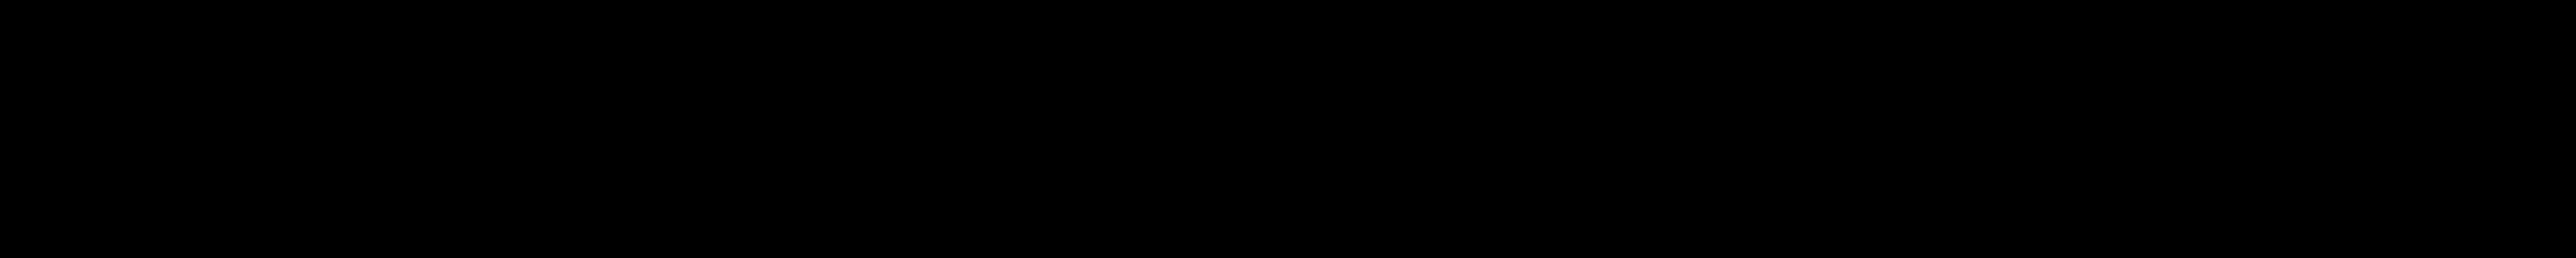 big-foot-logo2